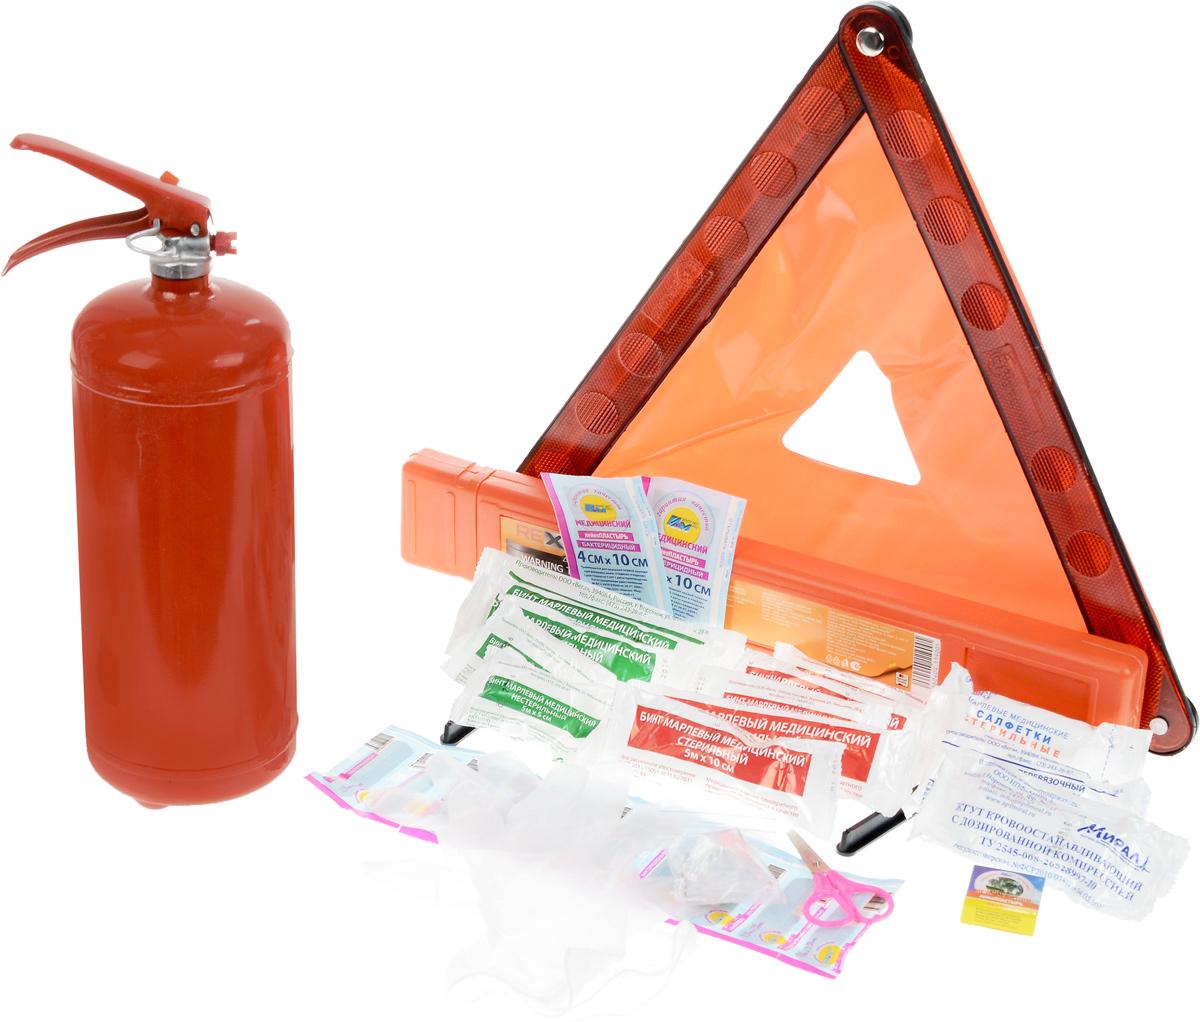 Набор аварийный REXXON Техосмотр Standard 298291124Состав: Сумка для хранения (водонепроницаемая)огнетушитель ОП-2Аптечка в Zip-пакете по ПриказуЗнак аварийной остановки